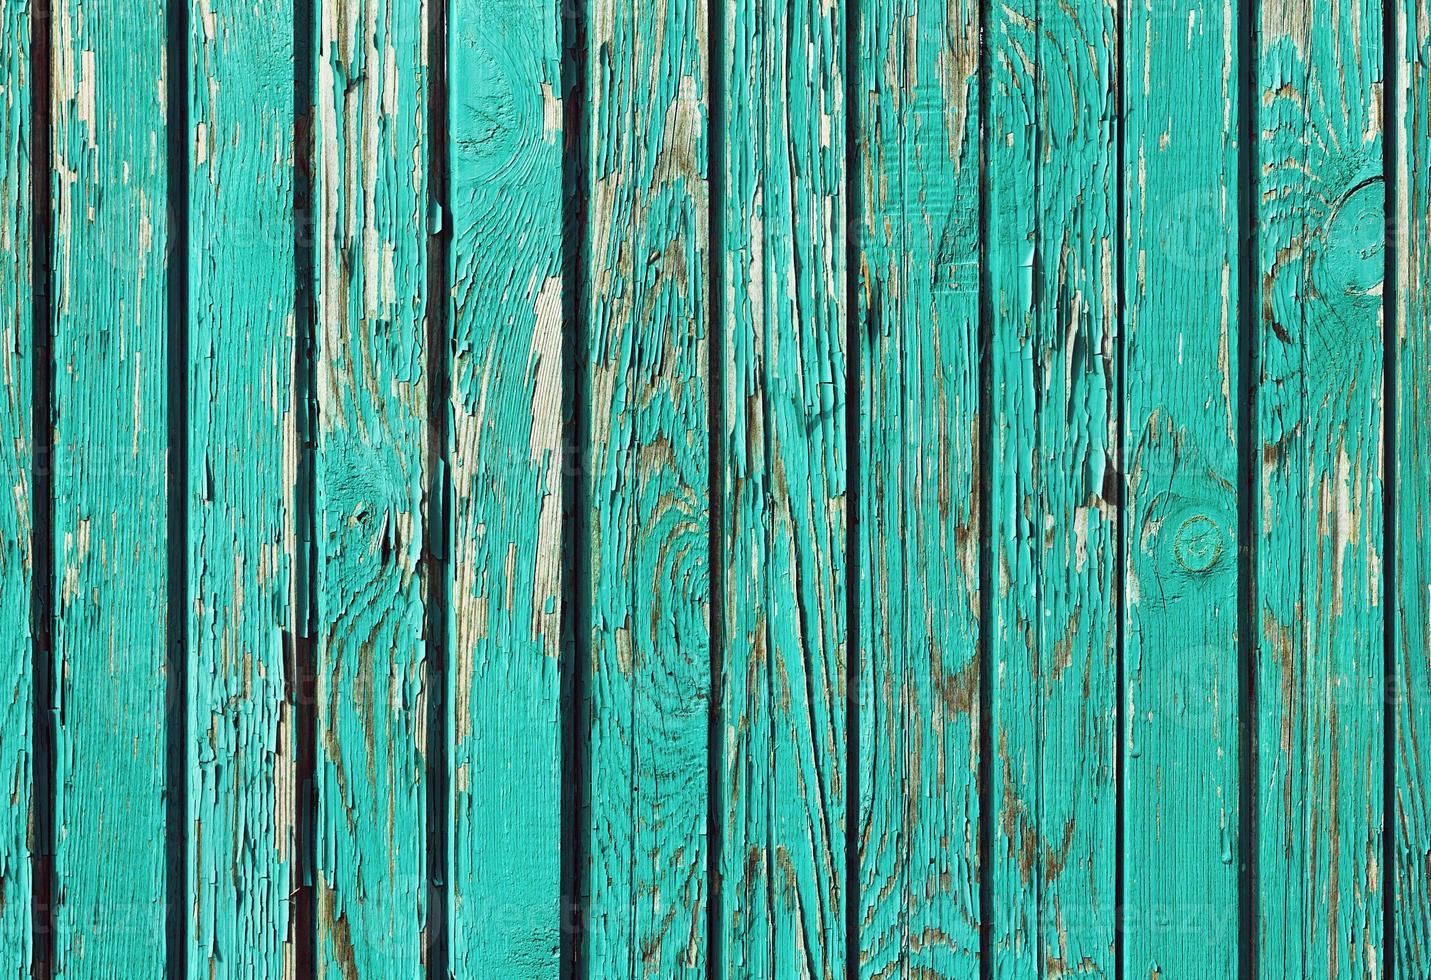 alte schäbige Holzbretter mit rissiger Farbe, Retro-Hintergrund foto